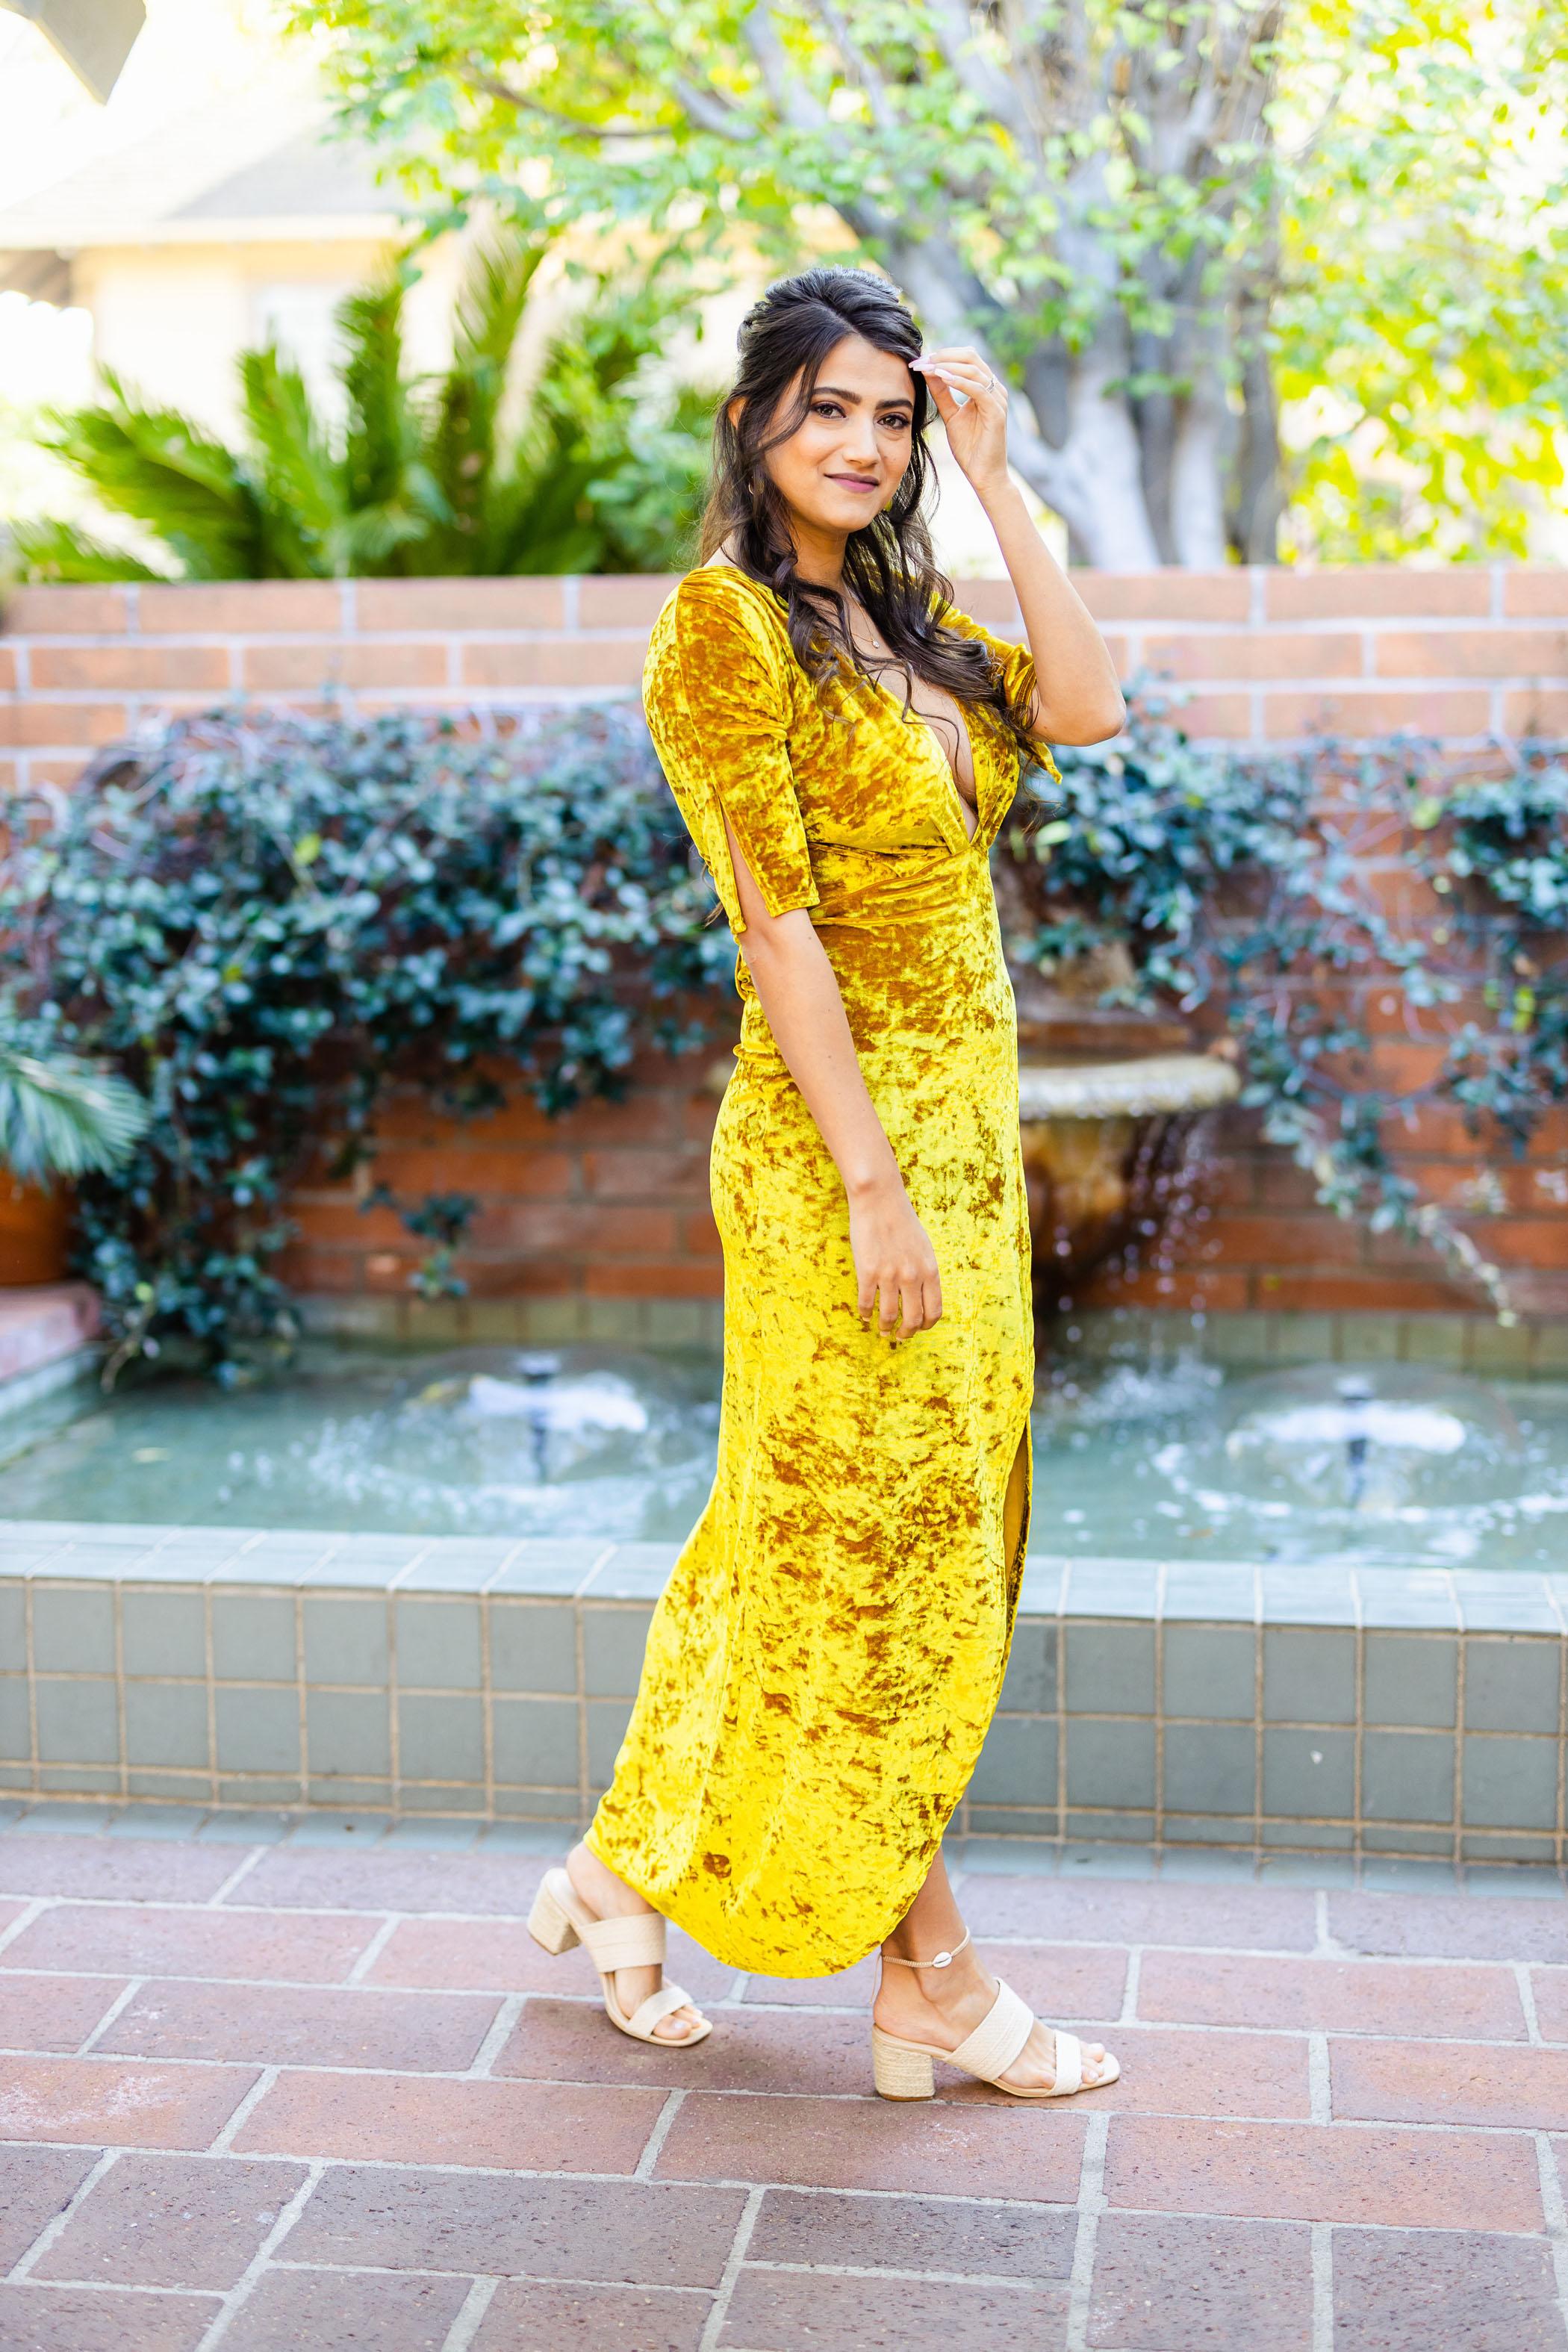 crushed velvet yellow dress